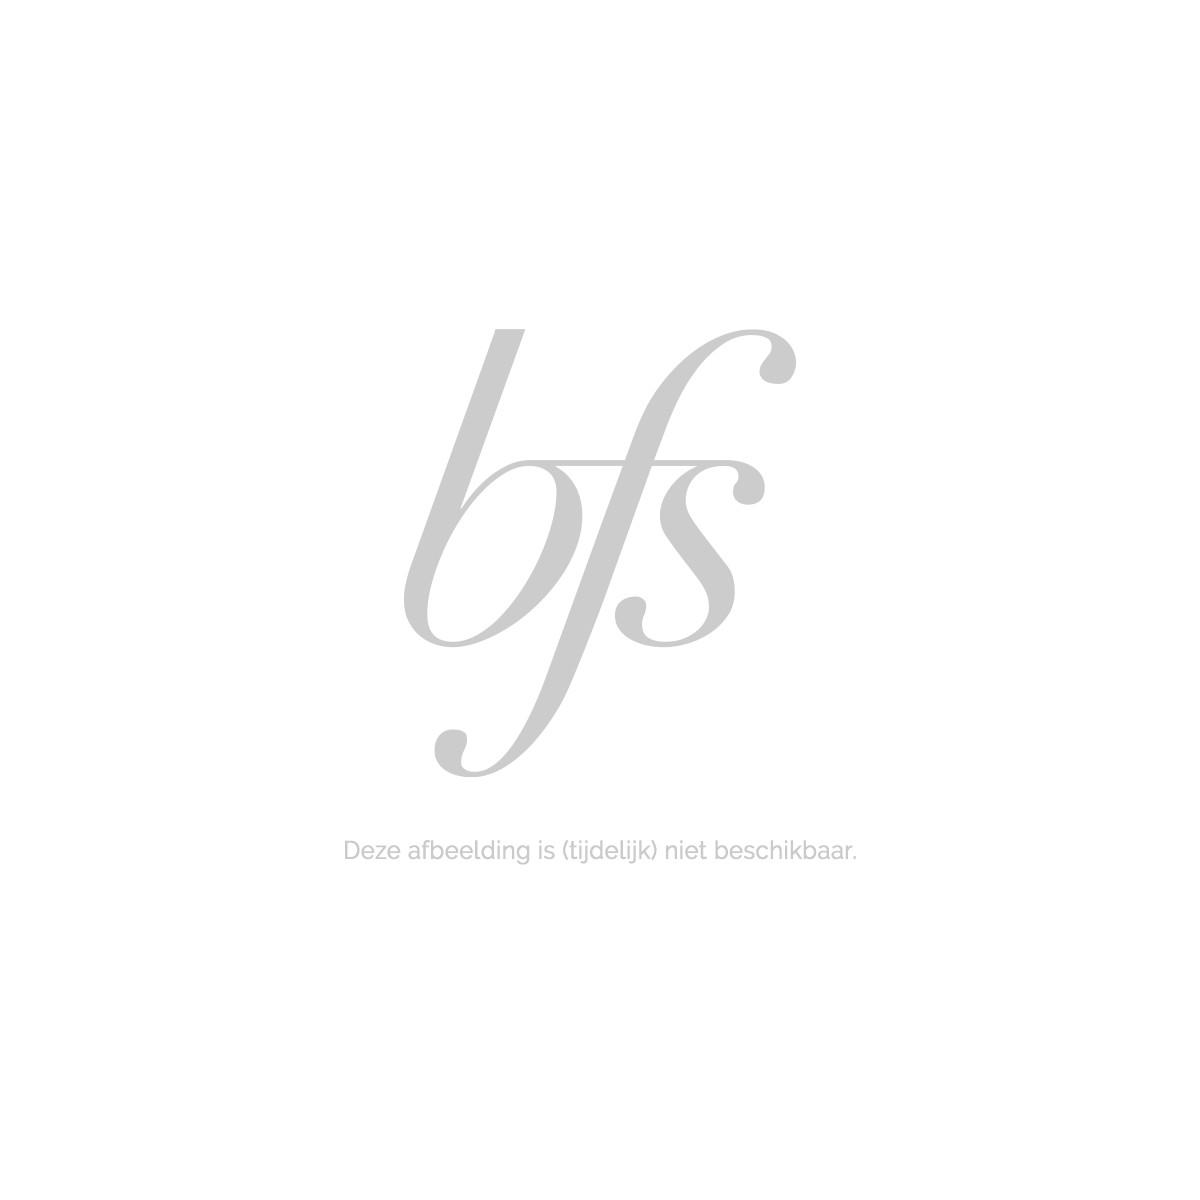 Gelish Prim-Rose And Proper 15 Ml